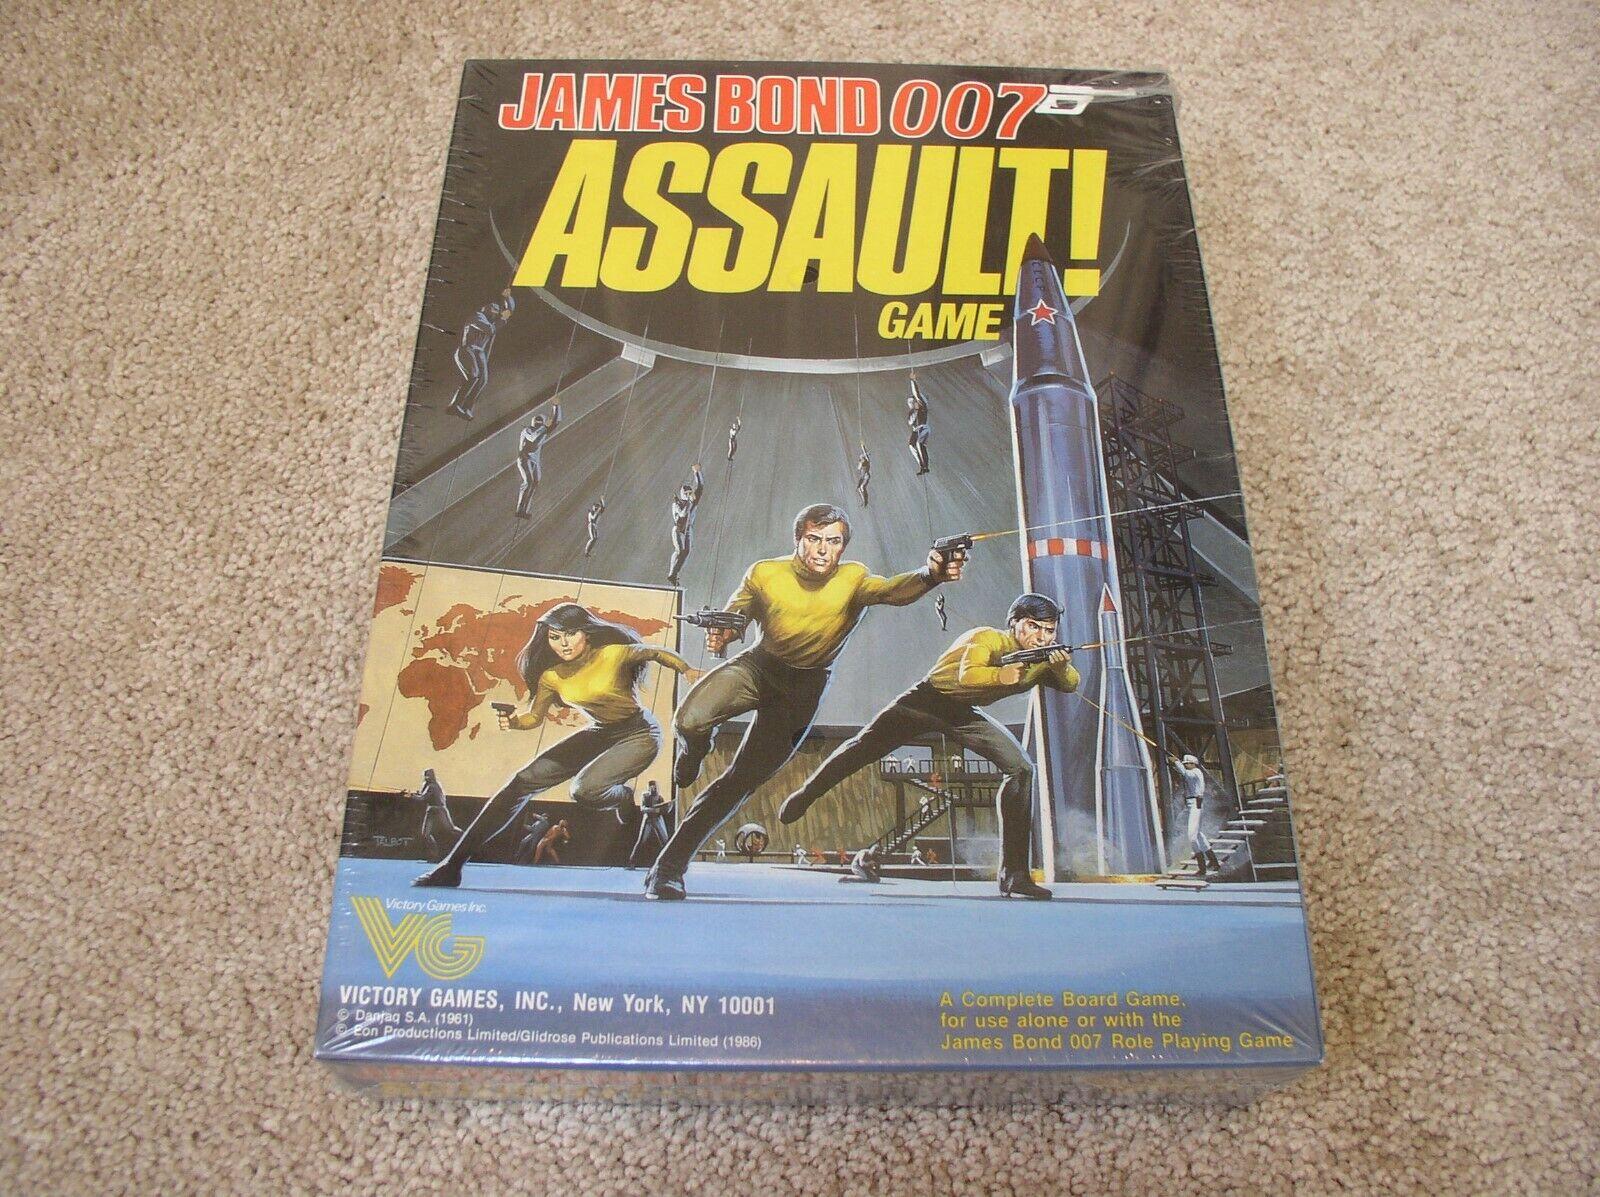 Victory giocos James  Bond 007 Assault  gioco - sealed  vieni a scegliere il tuo stile sportivo